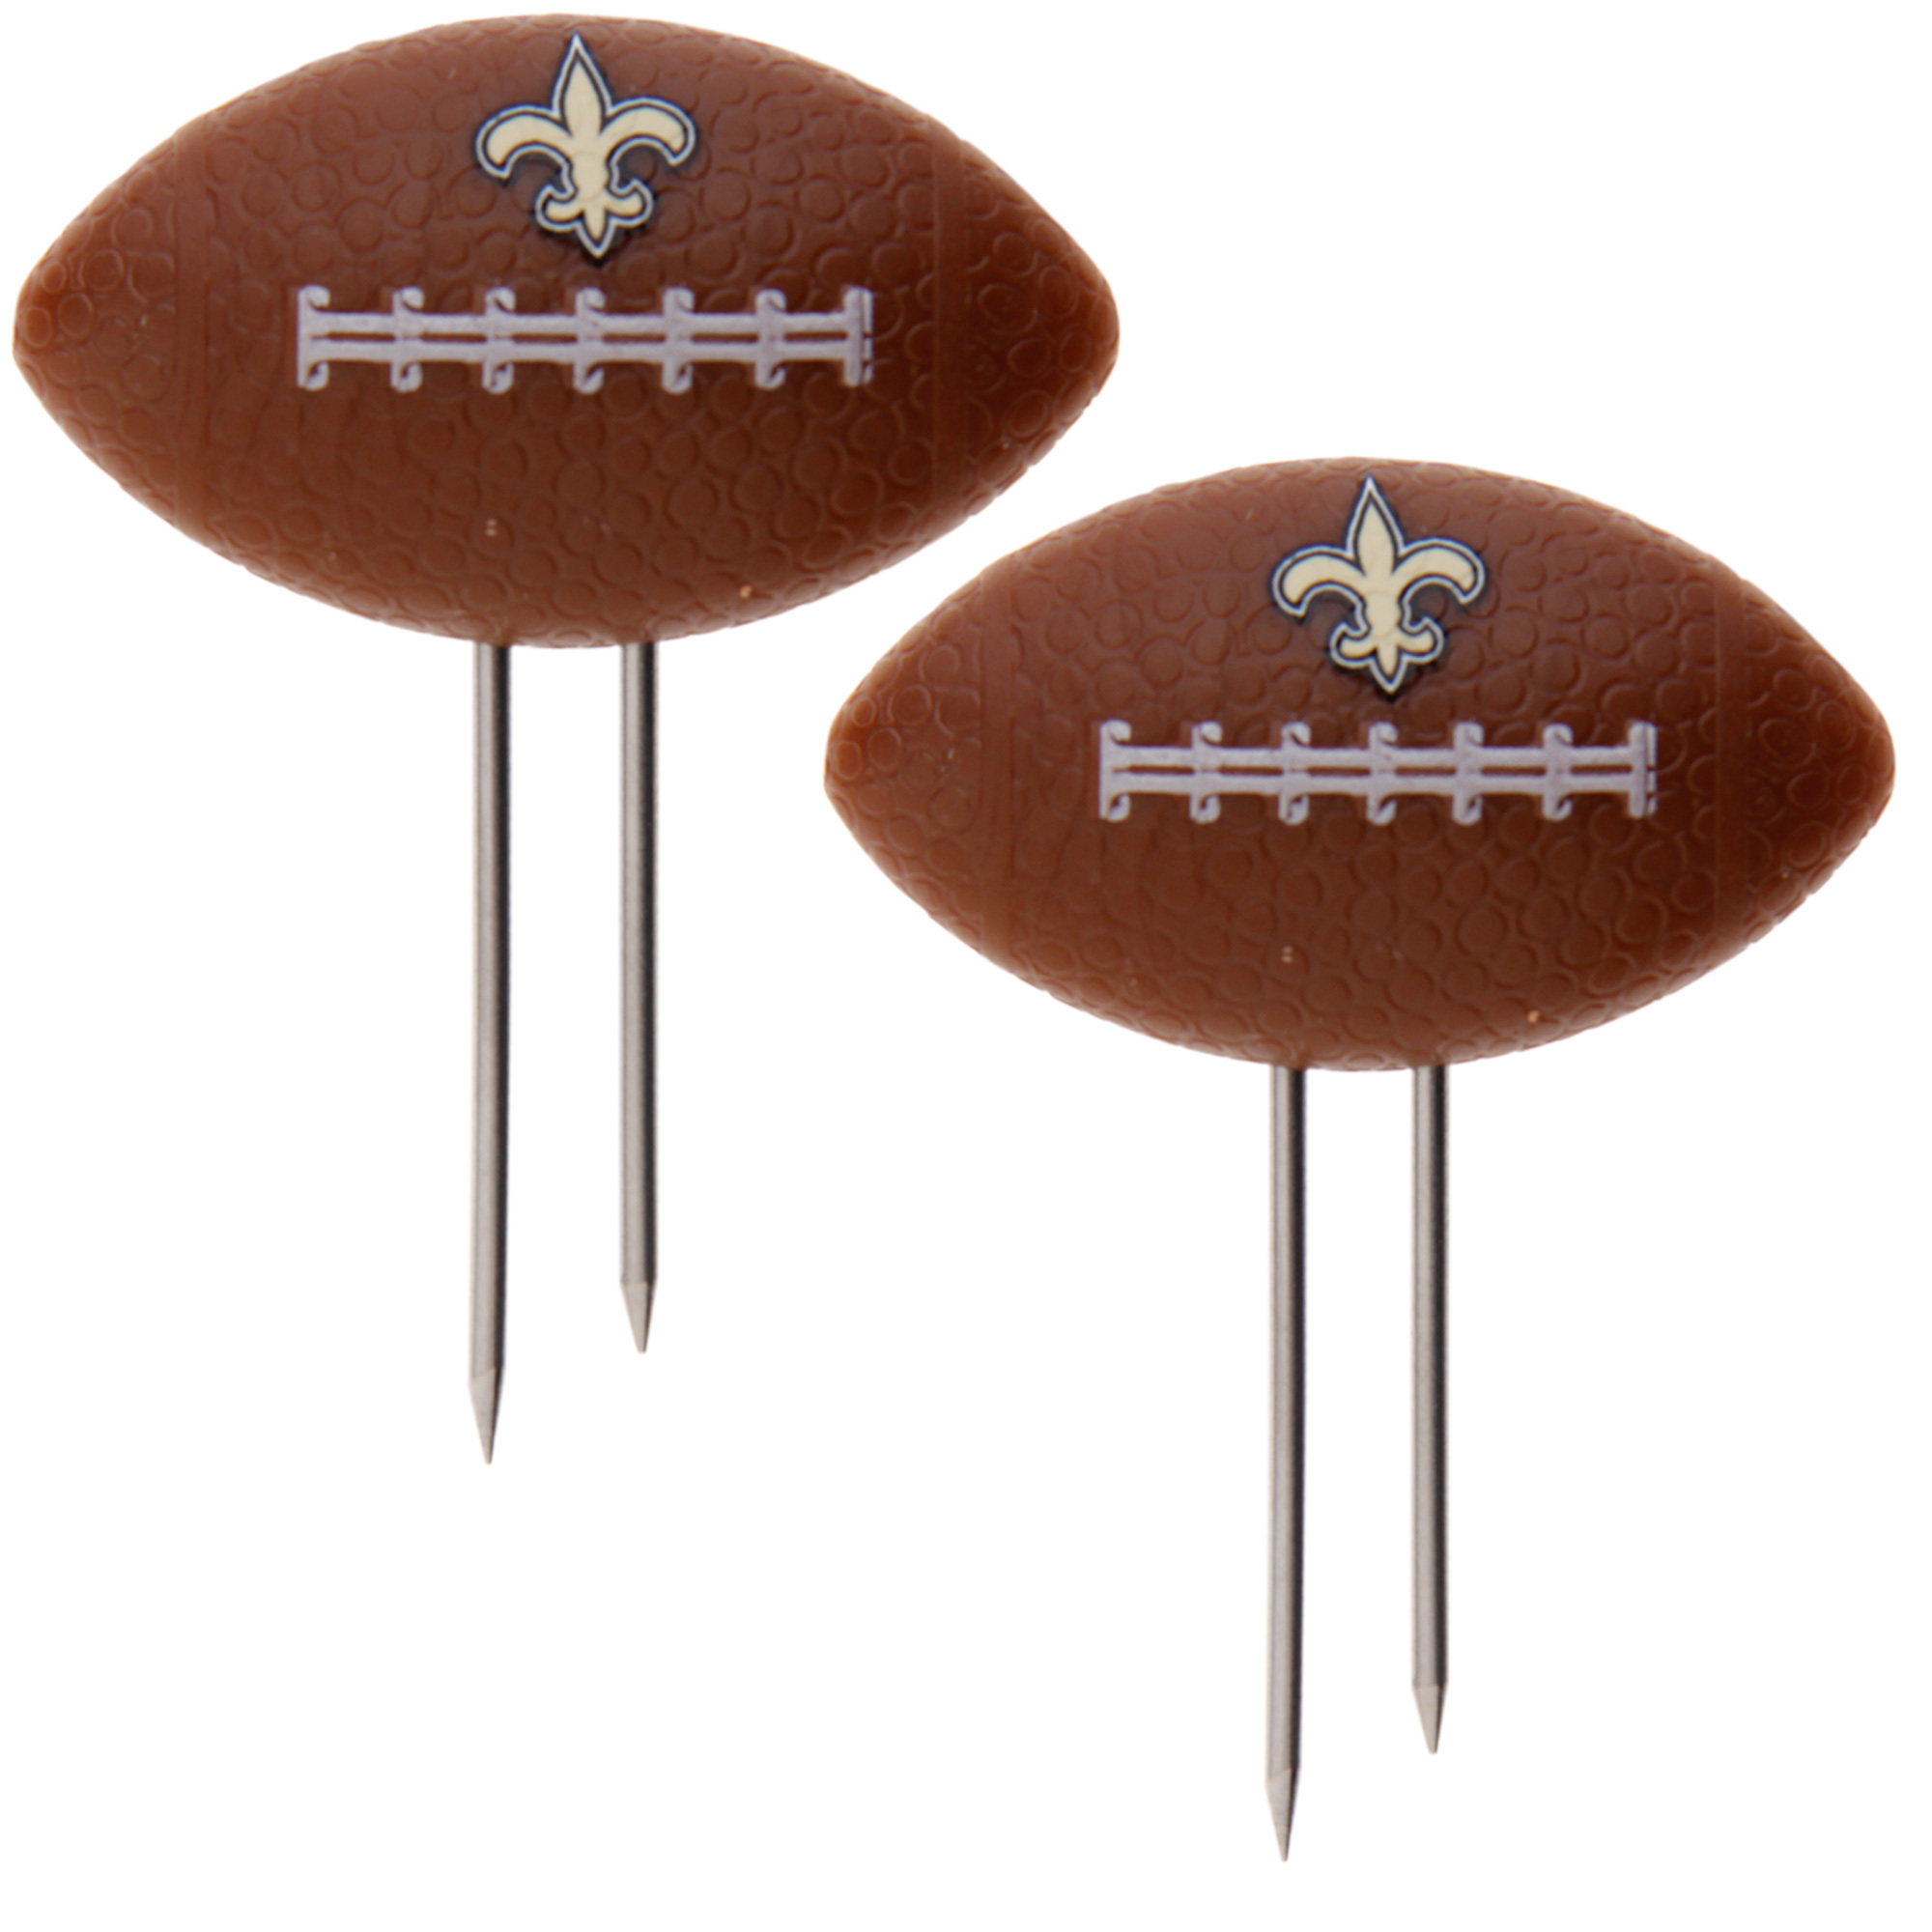 New Orleans Saints 8-Pack Corn Cob Holder - No Size